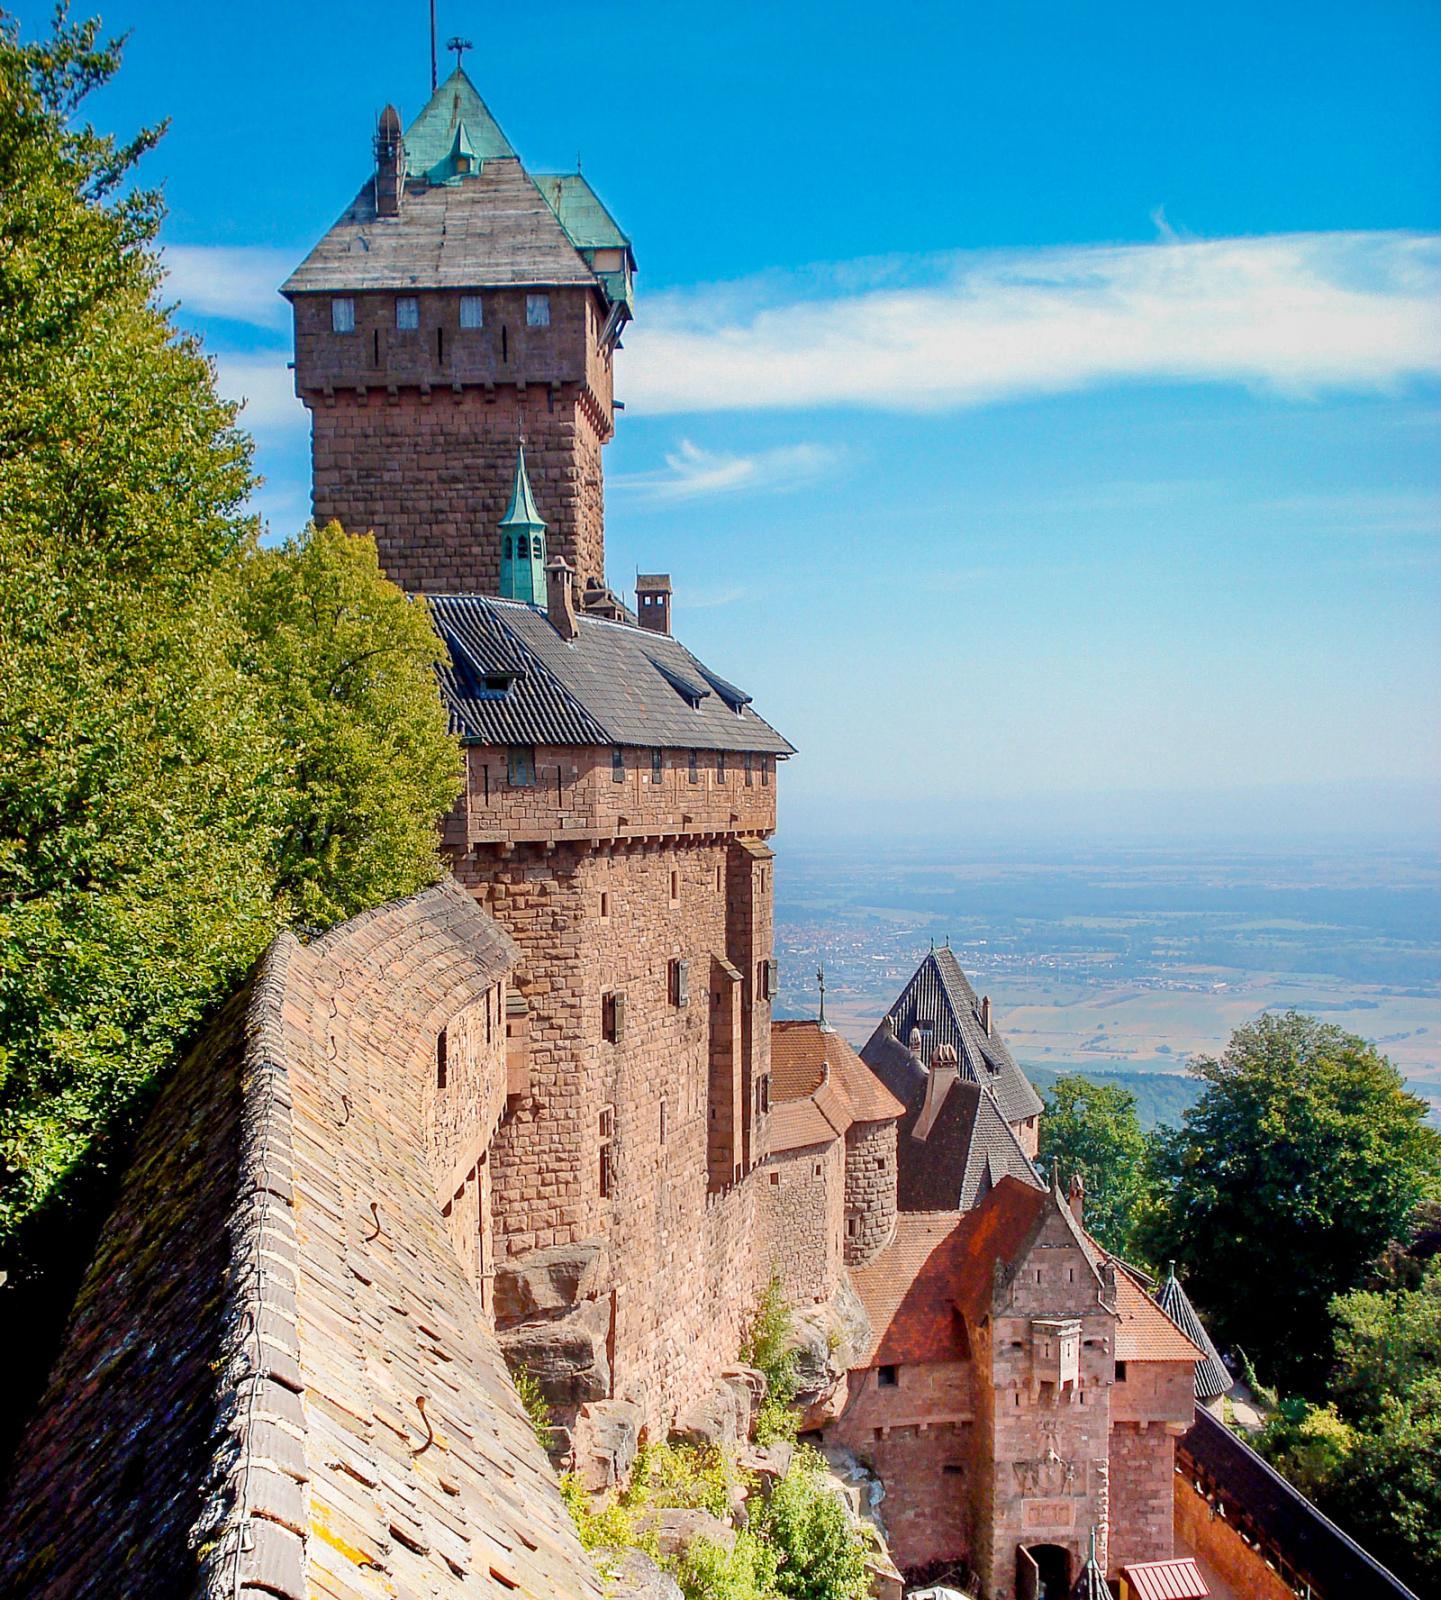 Borgen Haut-Koenigsbourg, en gång plundrad och raserad av svenskar, i dag en stor turistattraktion i Alsace.